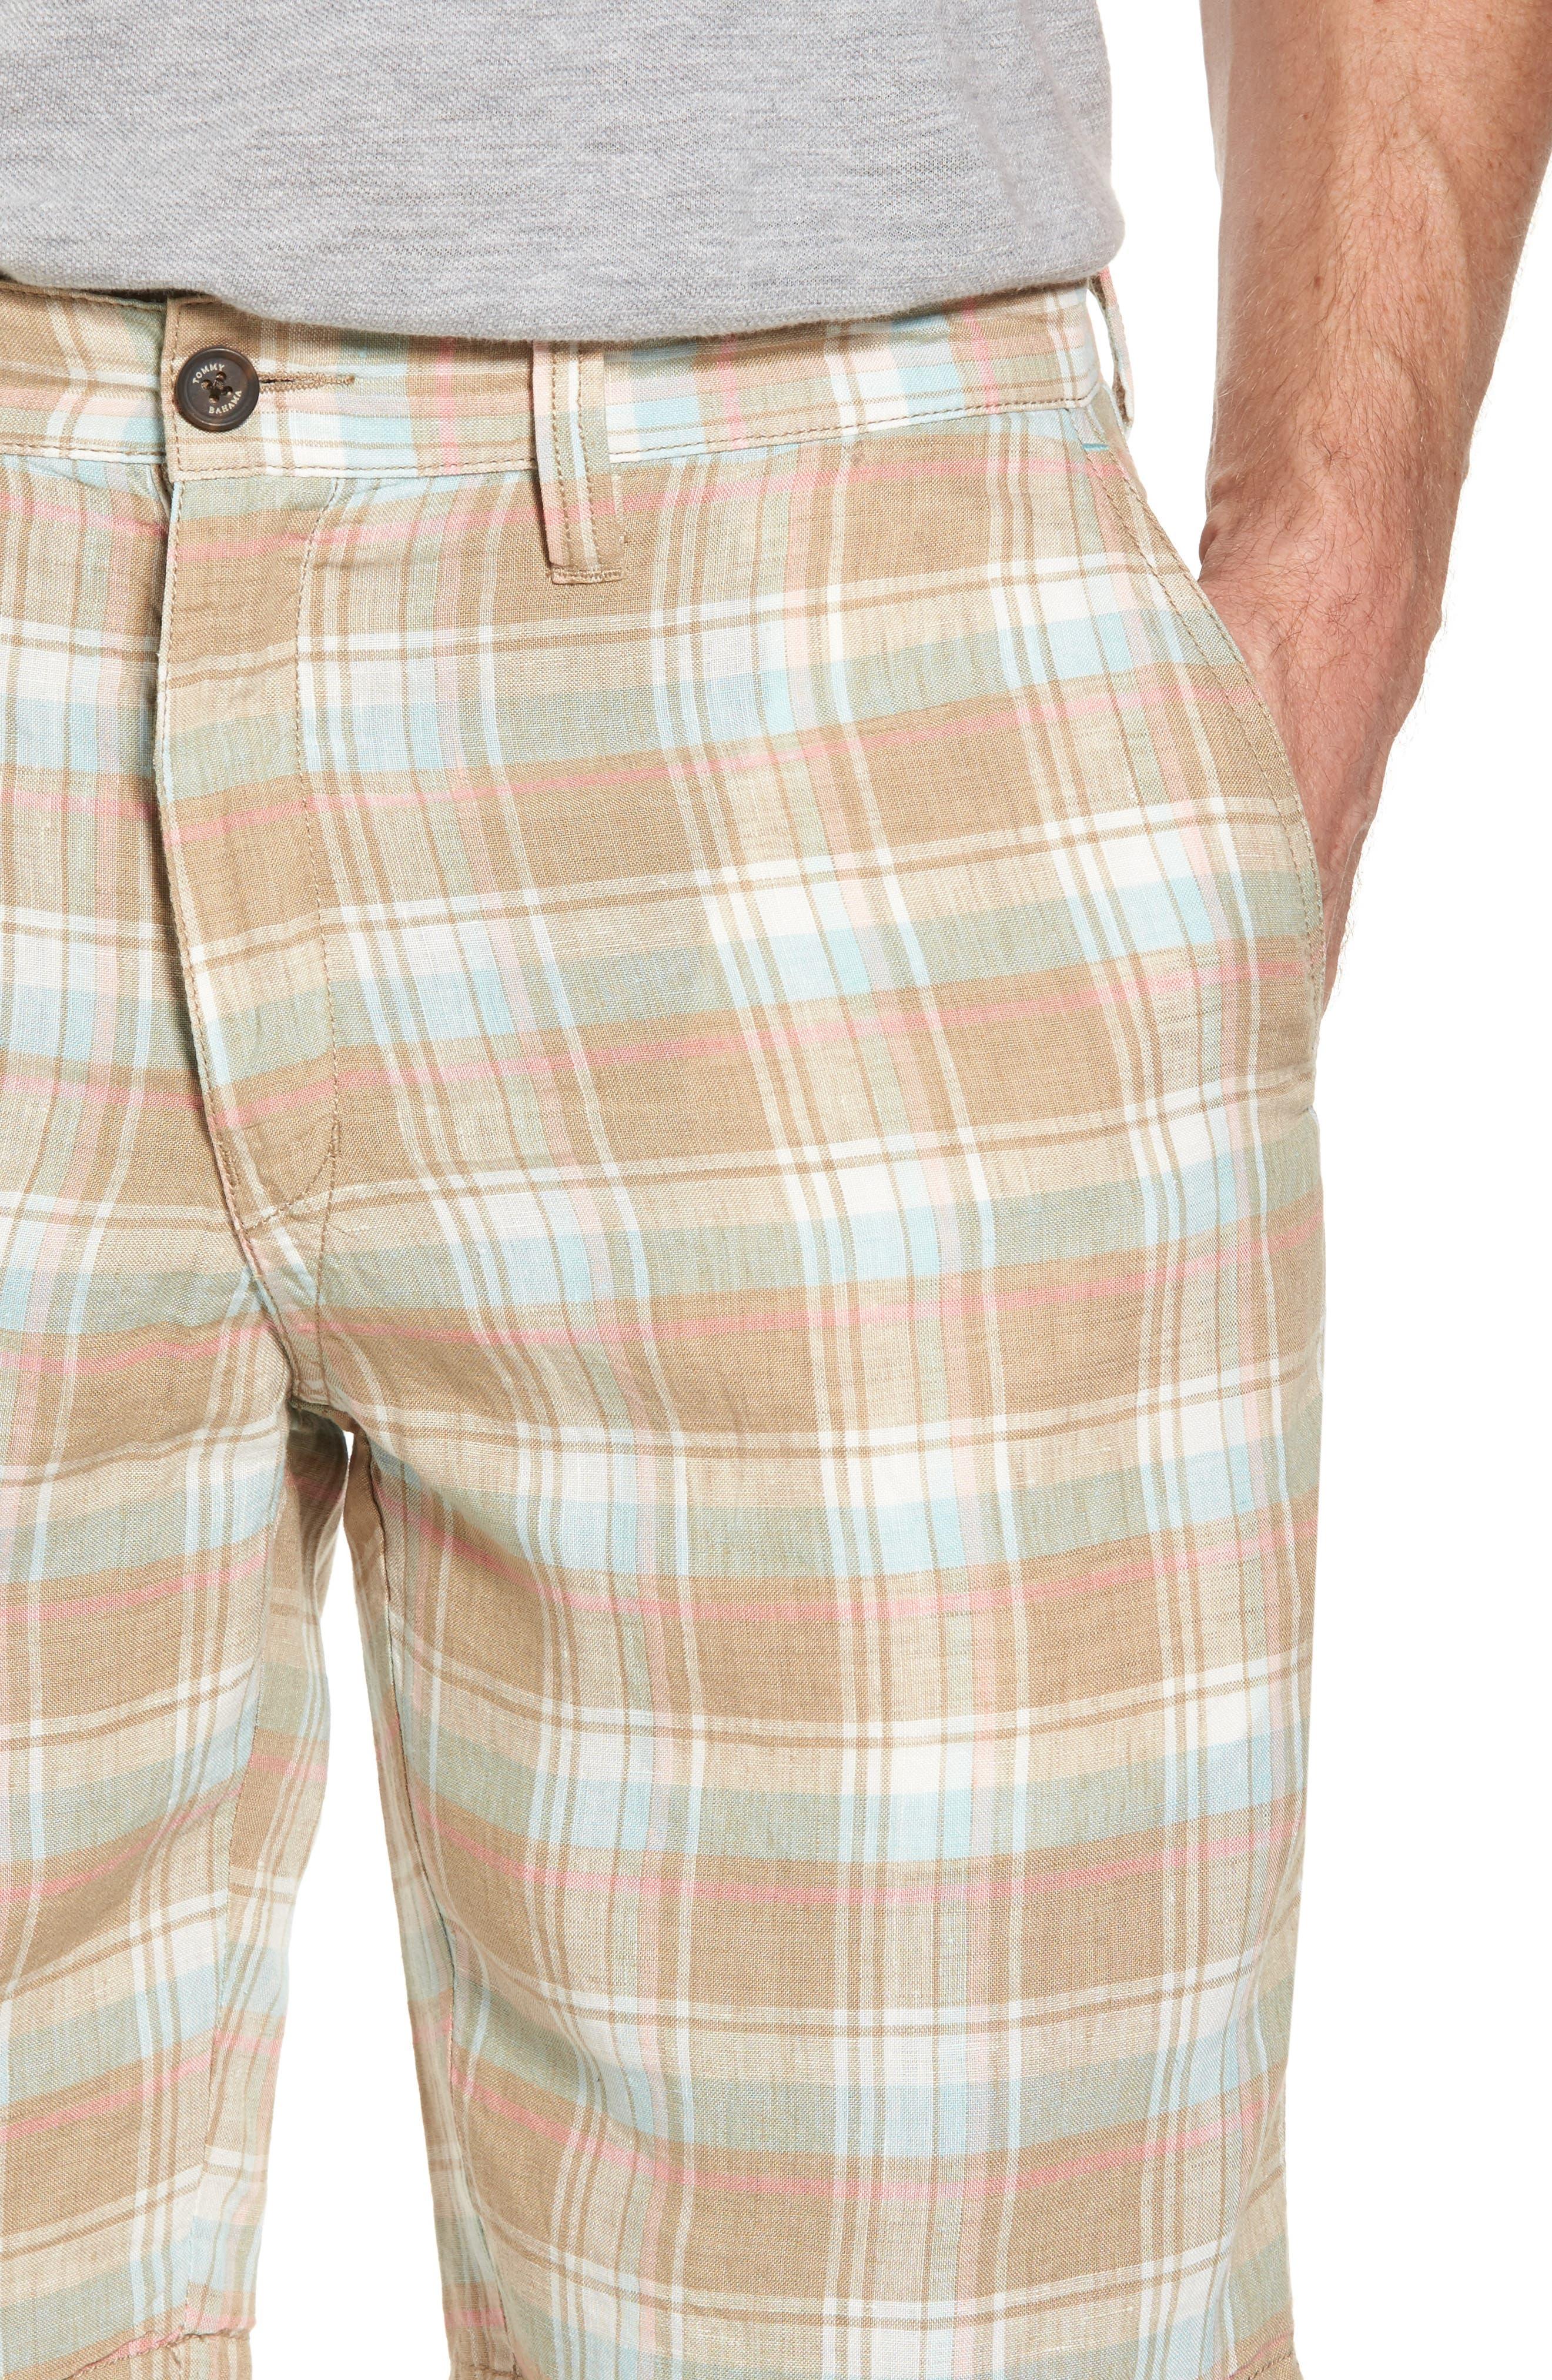 Plaid De Leon Reversible Shorts,                             Alternate thumbnail 5, color,                             Stone Khaki